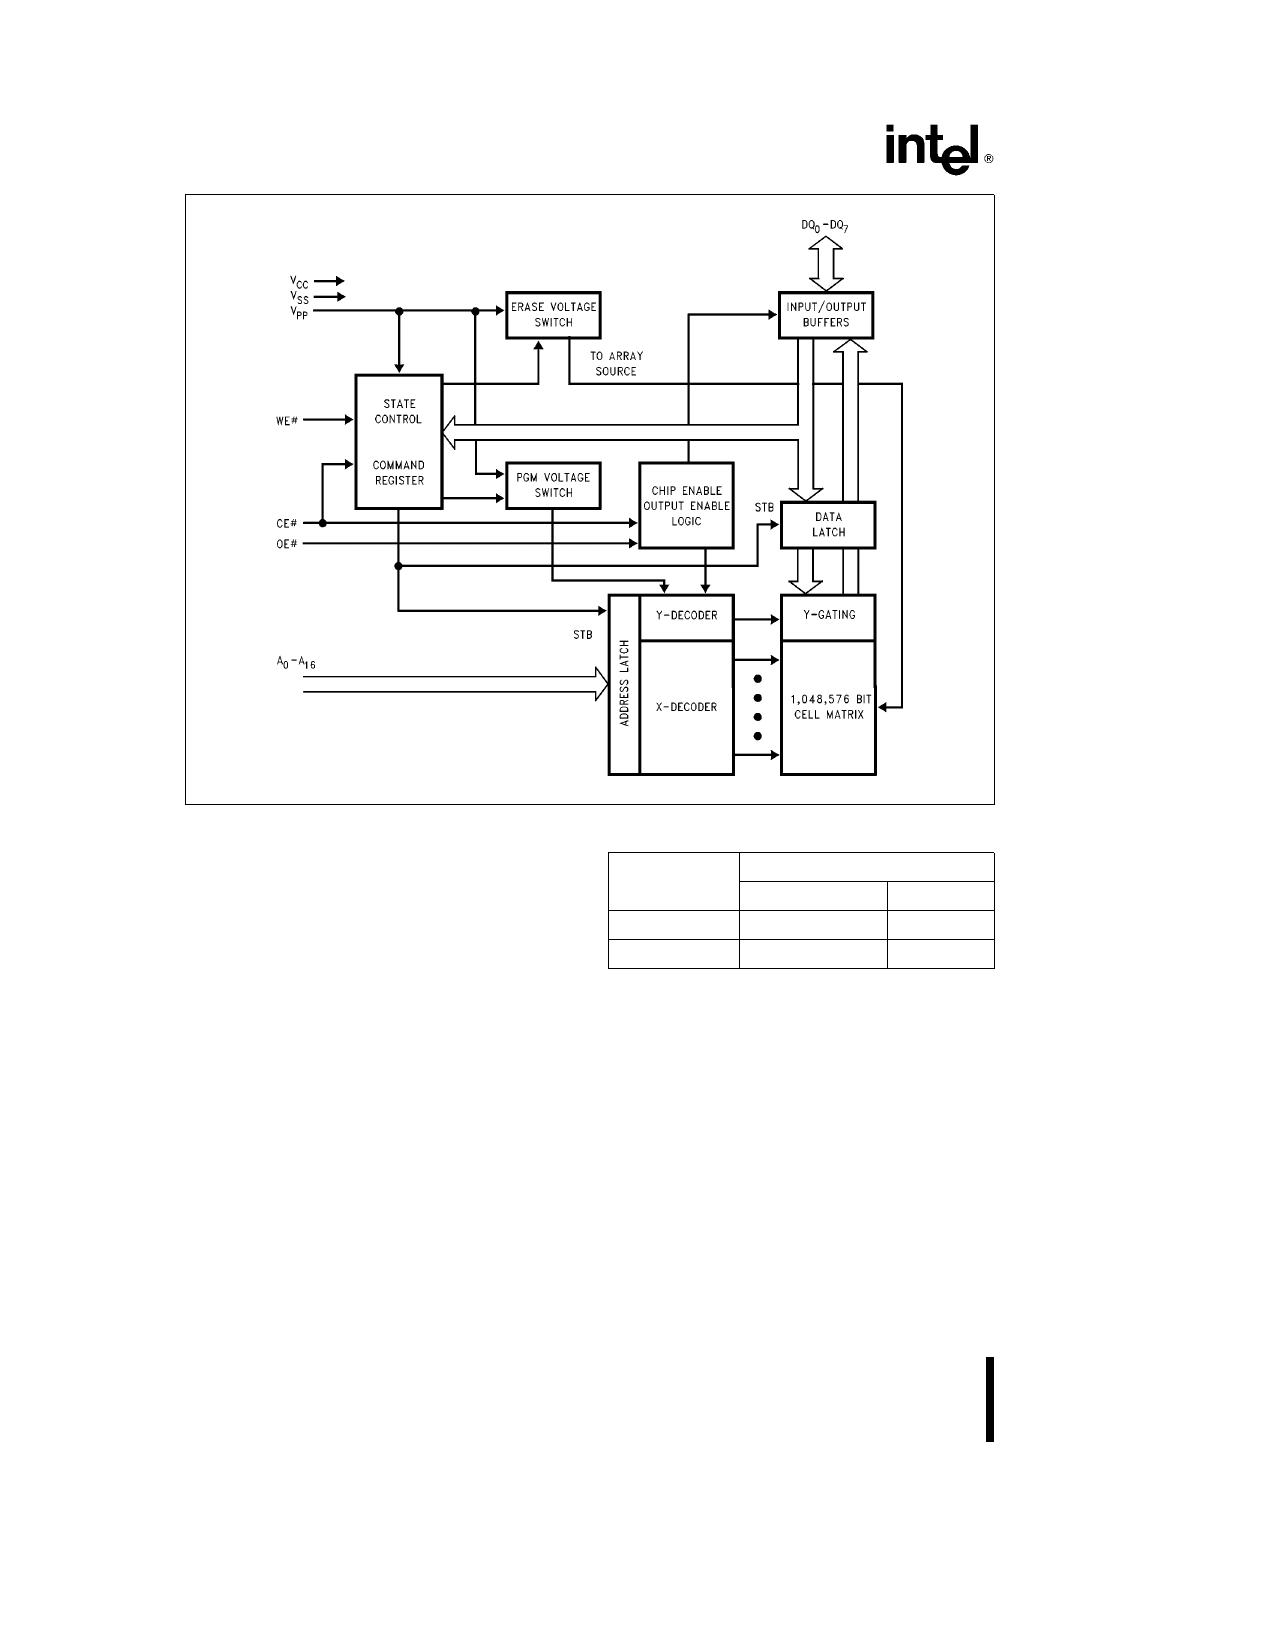 A28F010 pdf, schematic